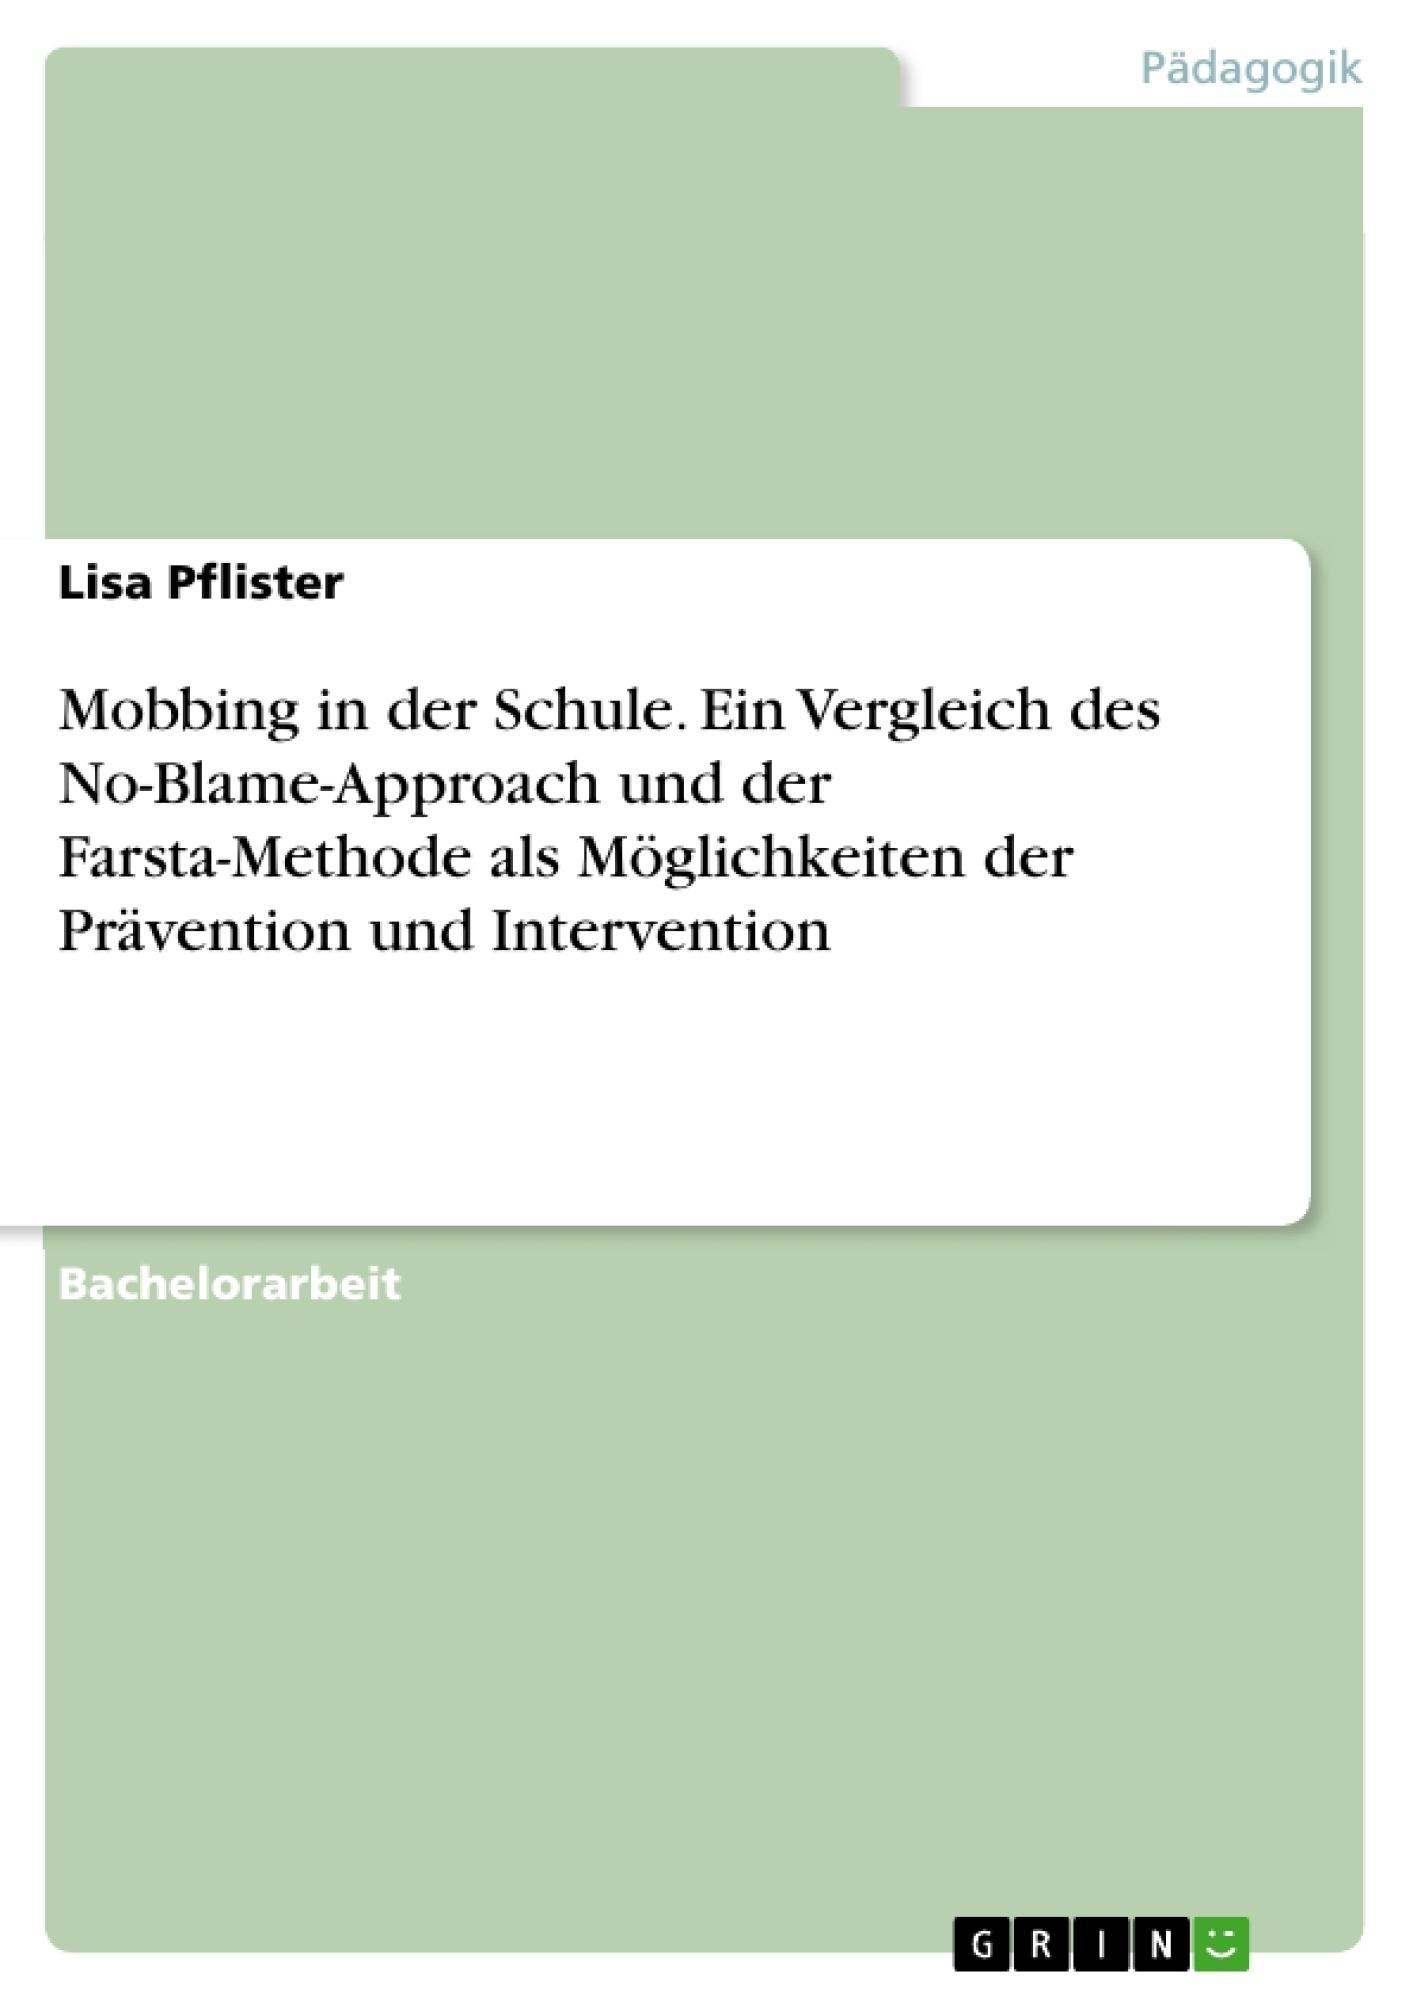 Titel: Mobbing in der Schule.  Ein Vergleich des No-Blame-Approach und der Farsta-Methode als Möglichkeiten der Prävention und Intervention